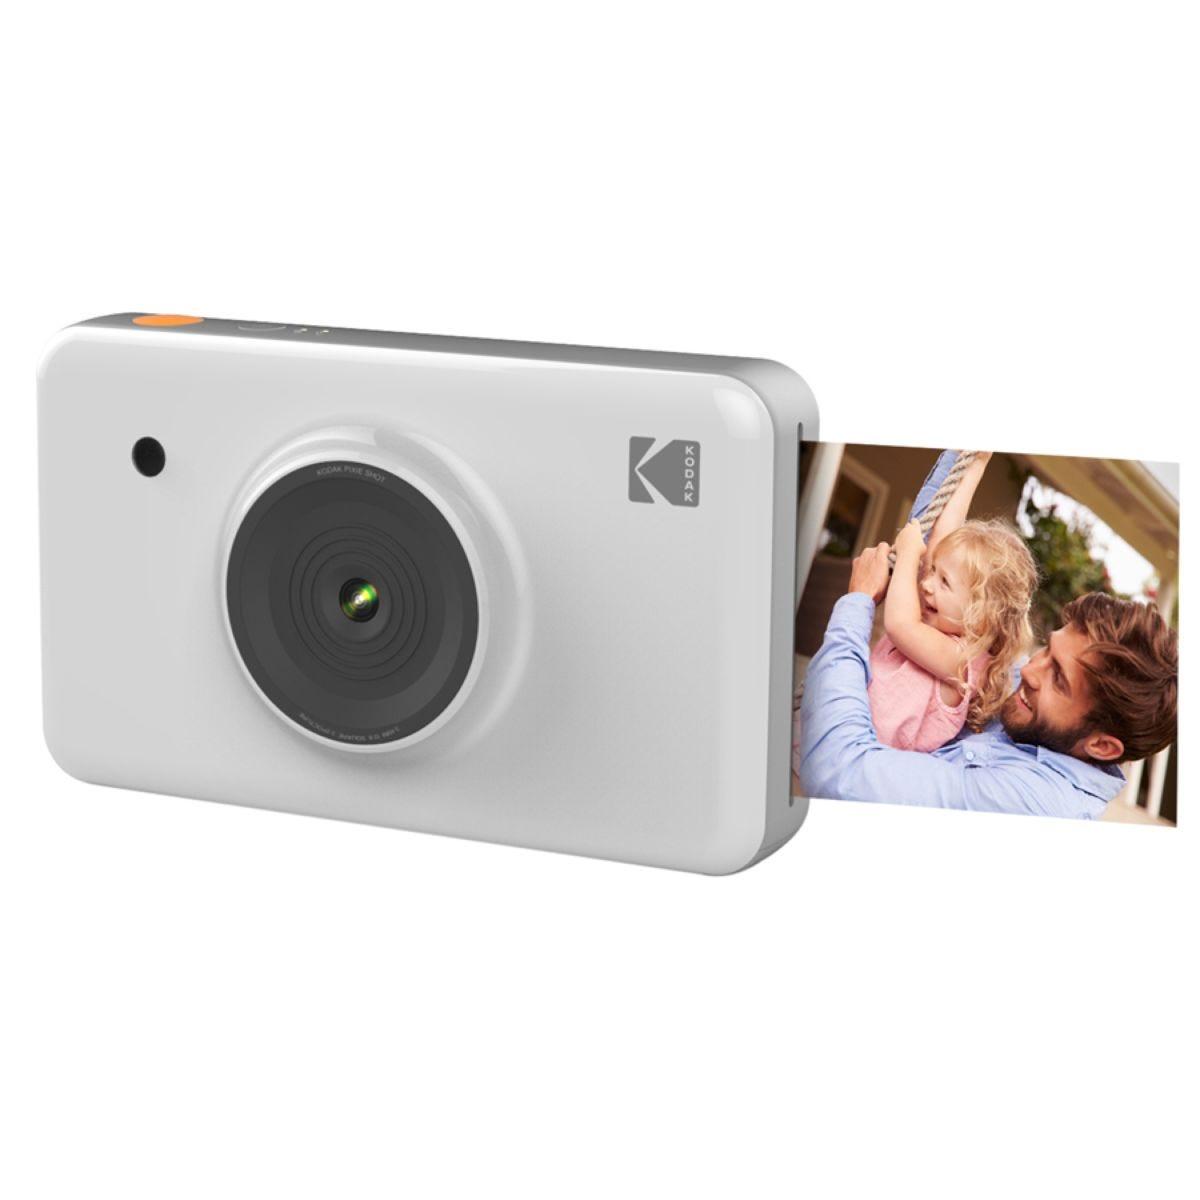 Kodak Mini-Shot Digital Camera White